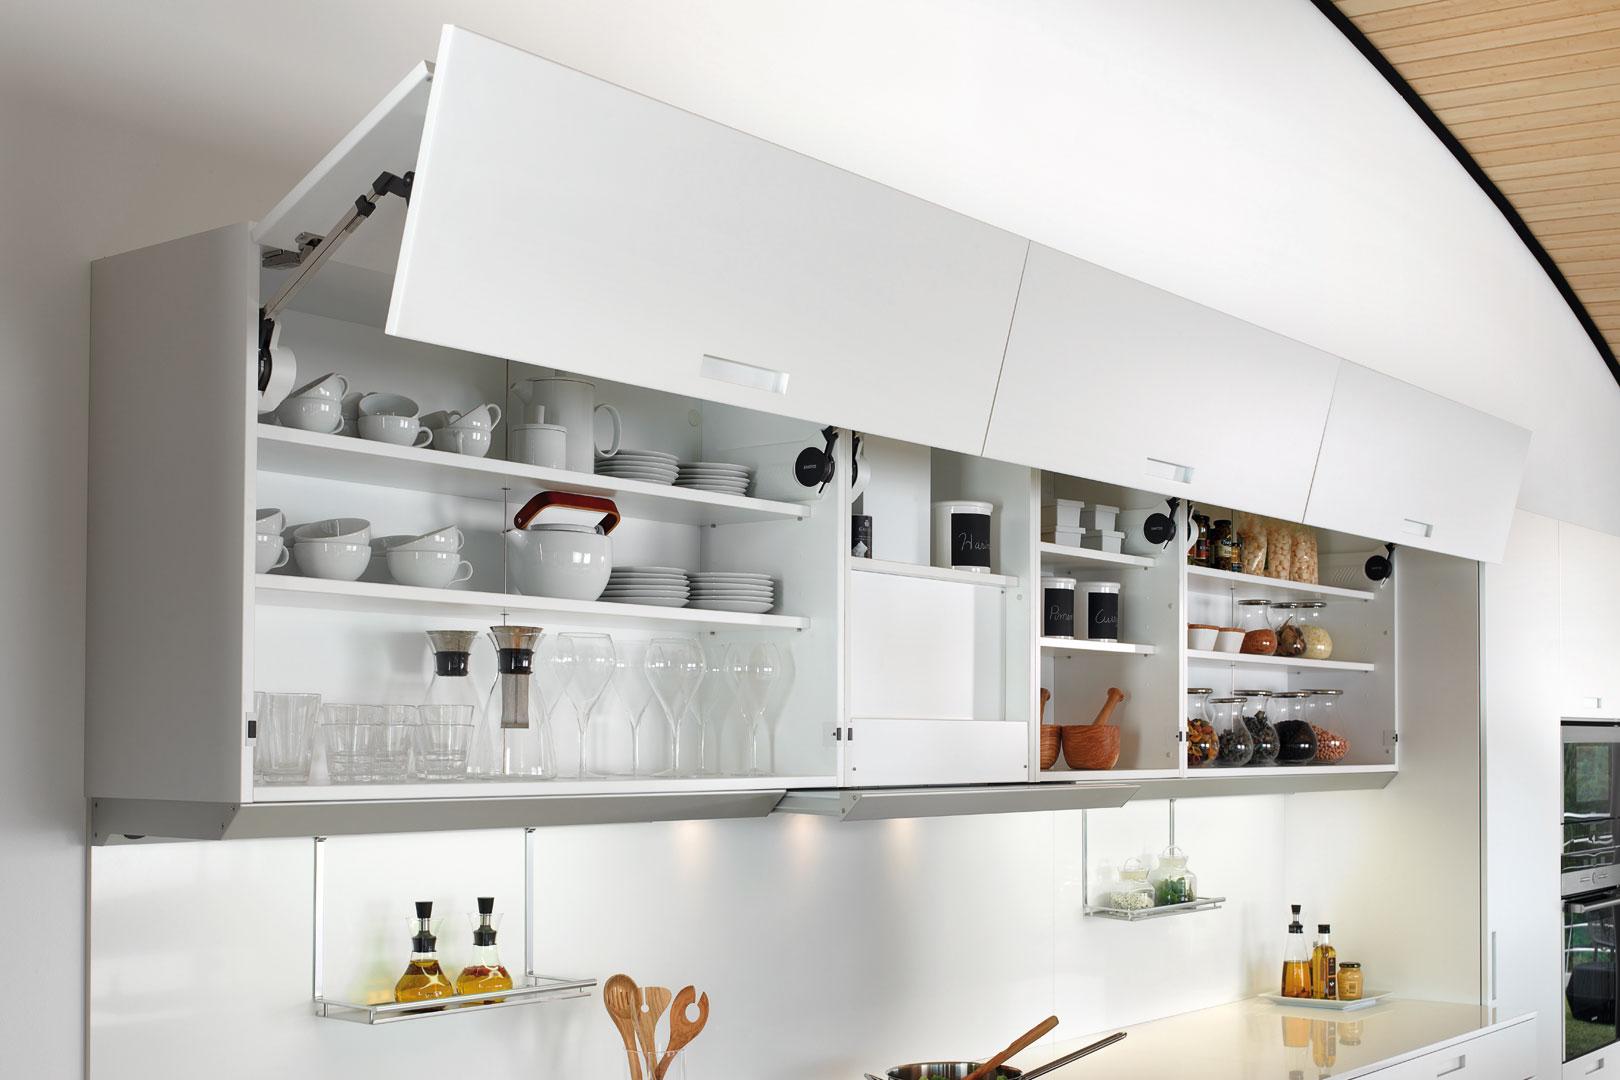 Orden en la Cocina: Ideas para organizar el interior de los muebles